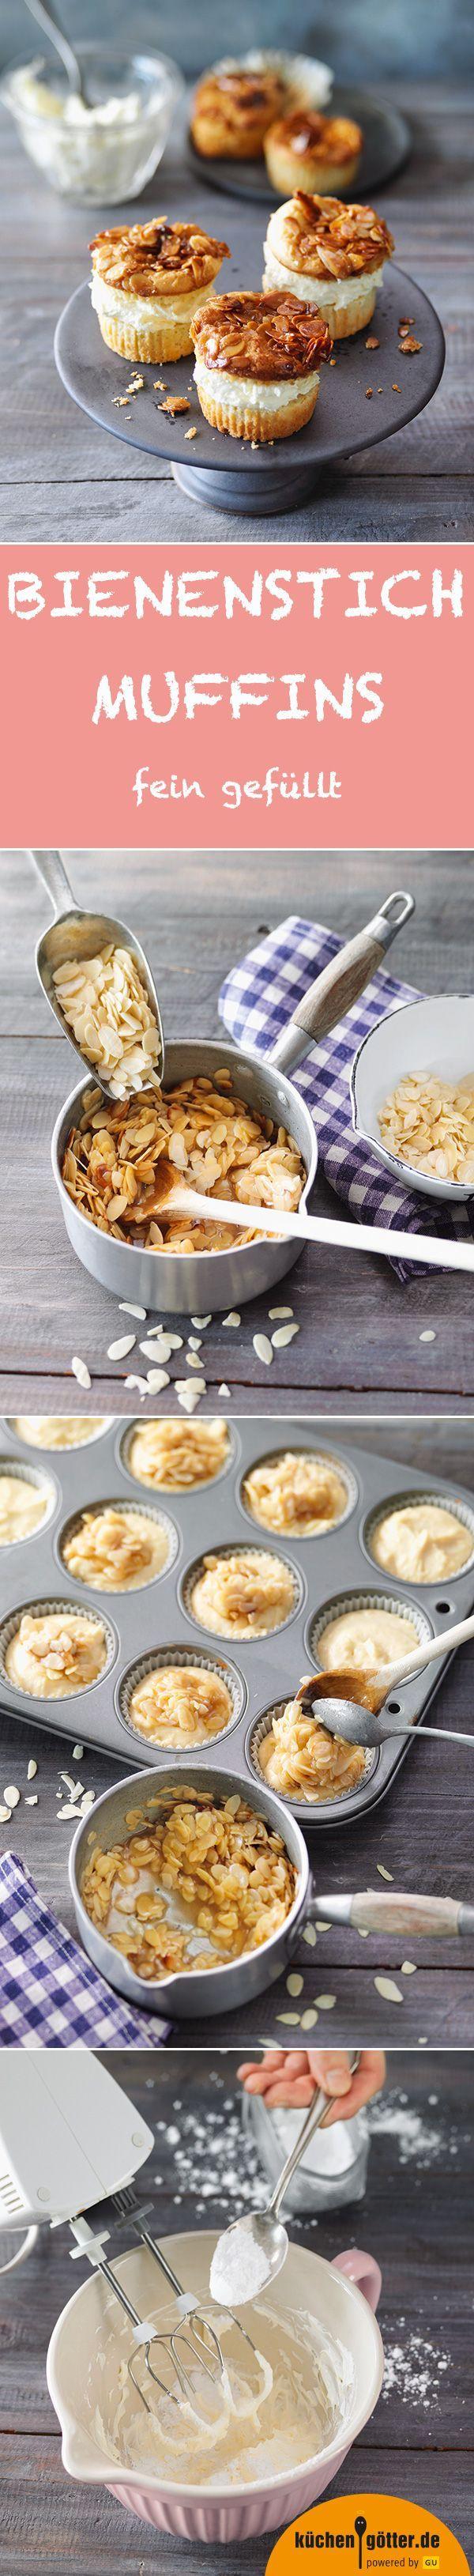 Bienenstich-Muffins #breadrecipessweet